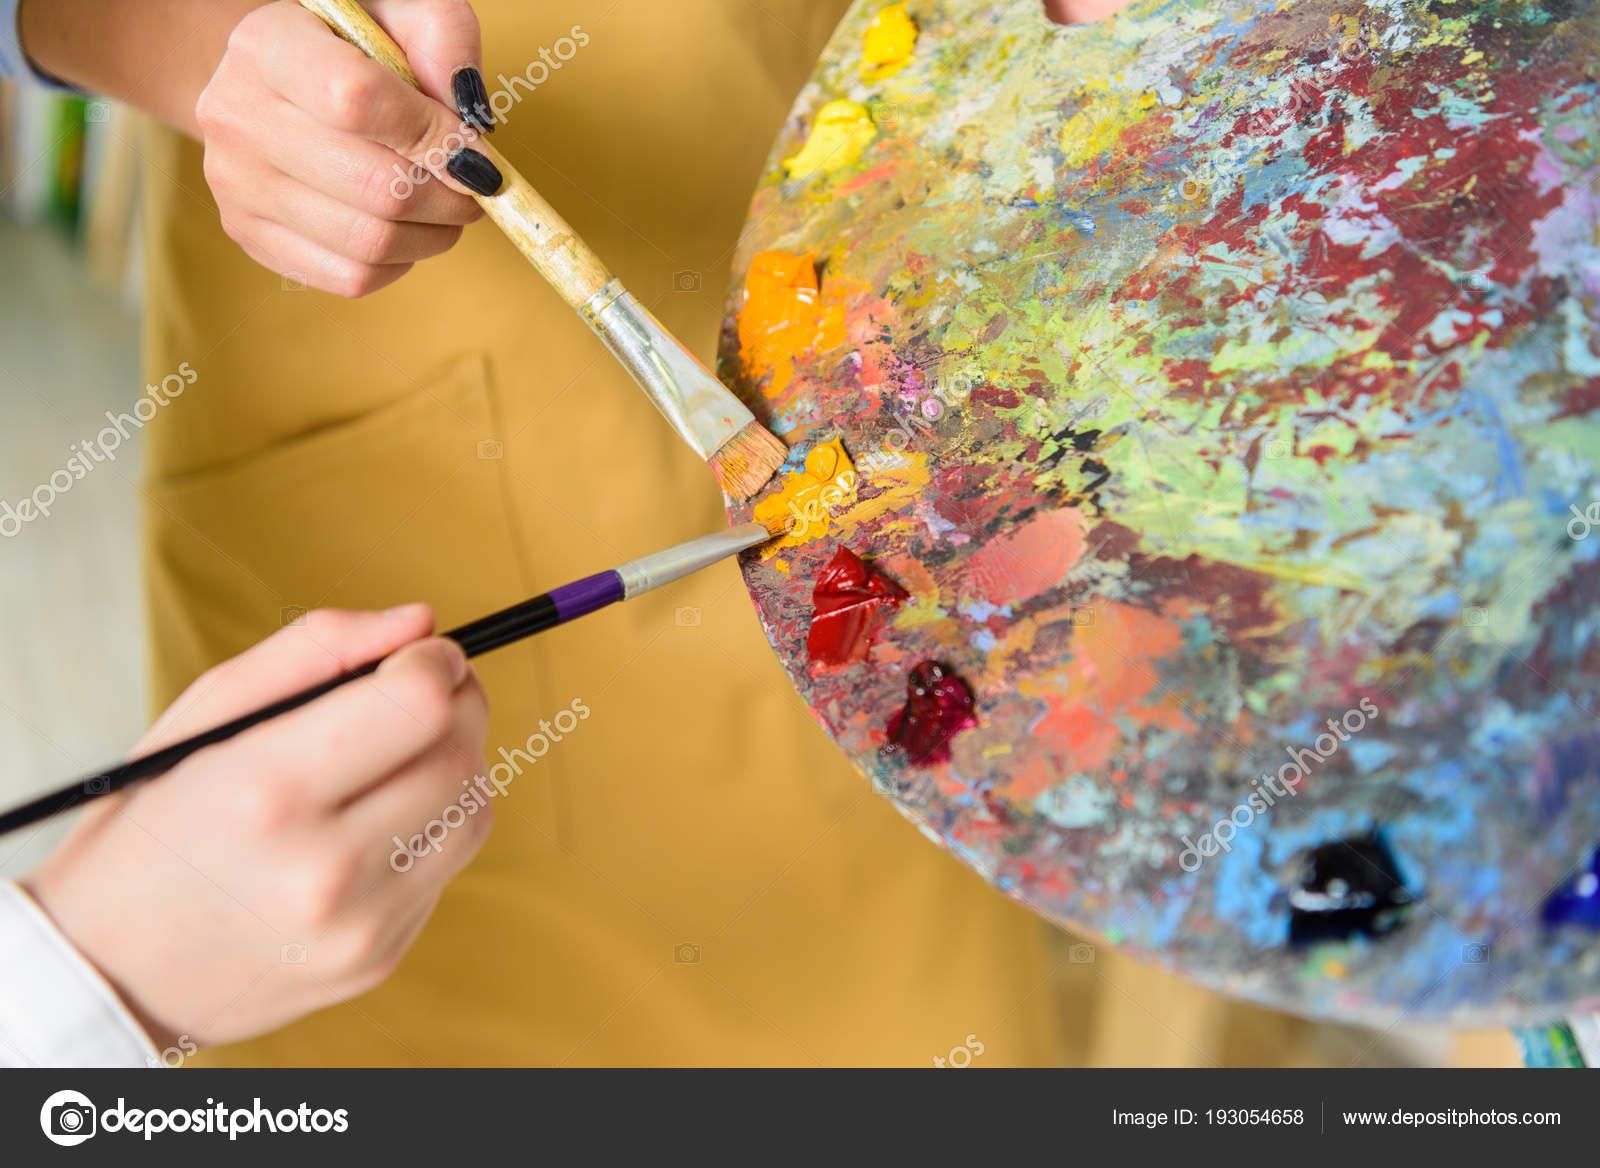 öğretmen öğrenci Aynı Boya Paletten Sanat Okulu Atölyede Alarak